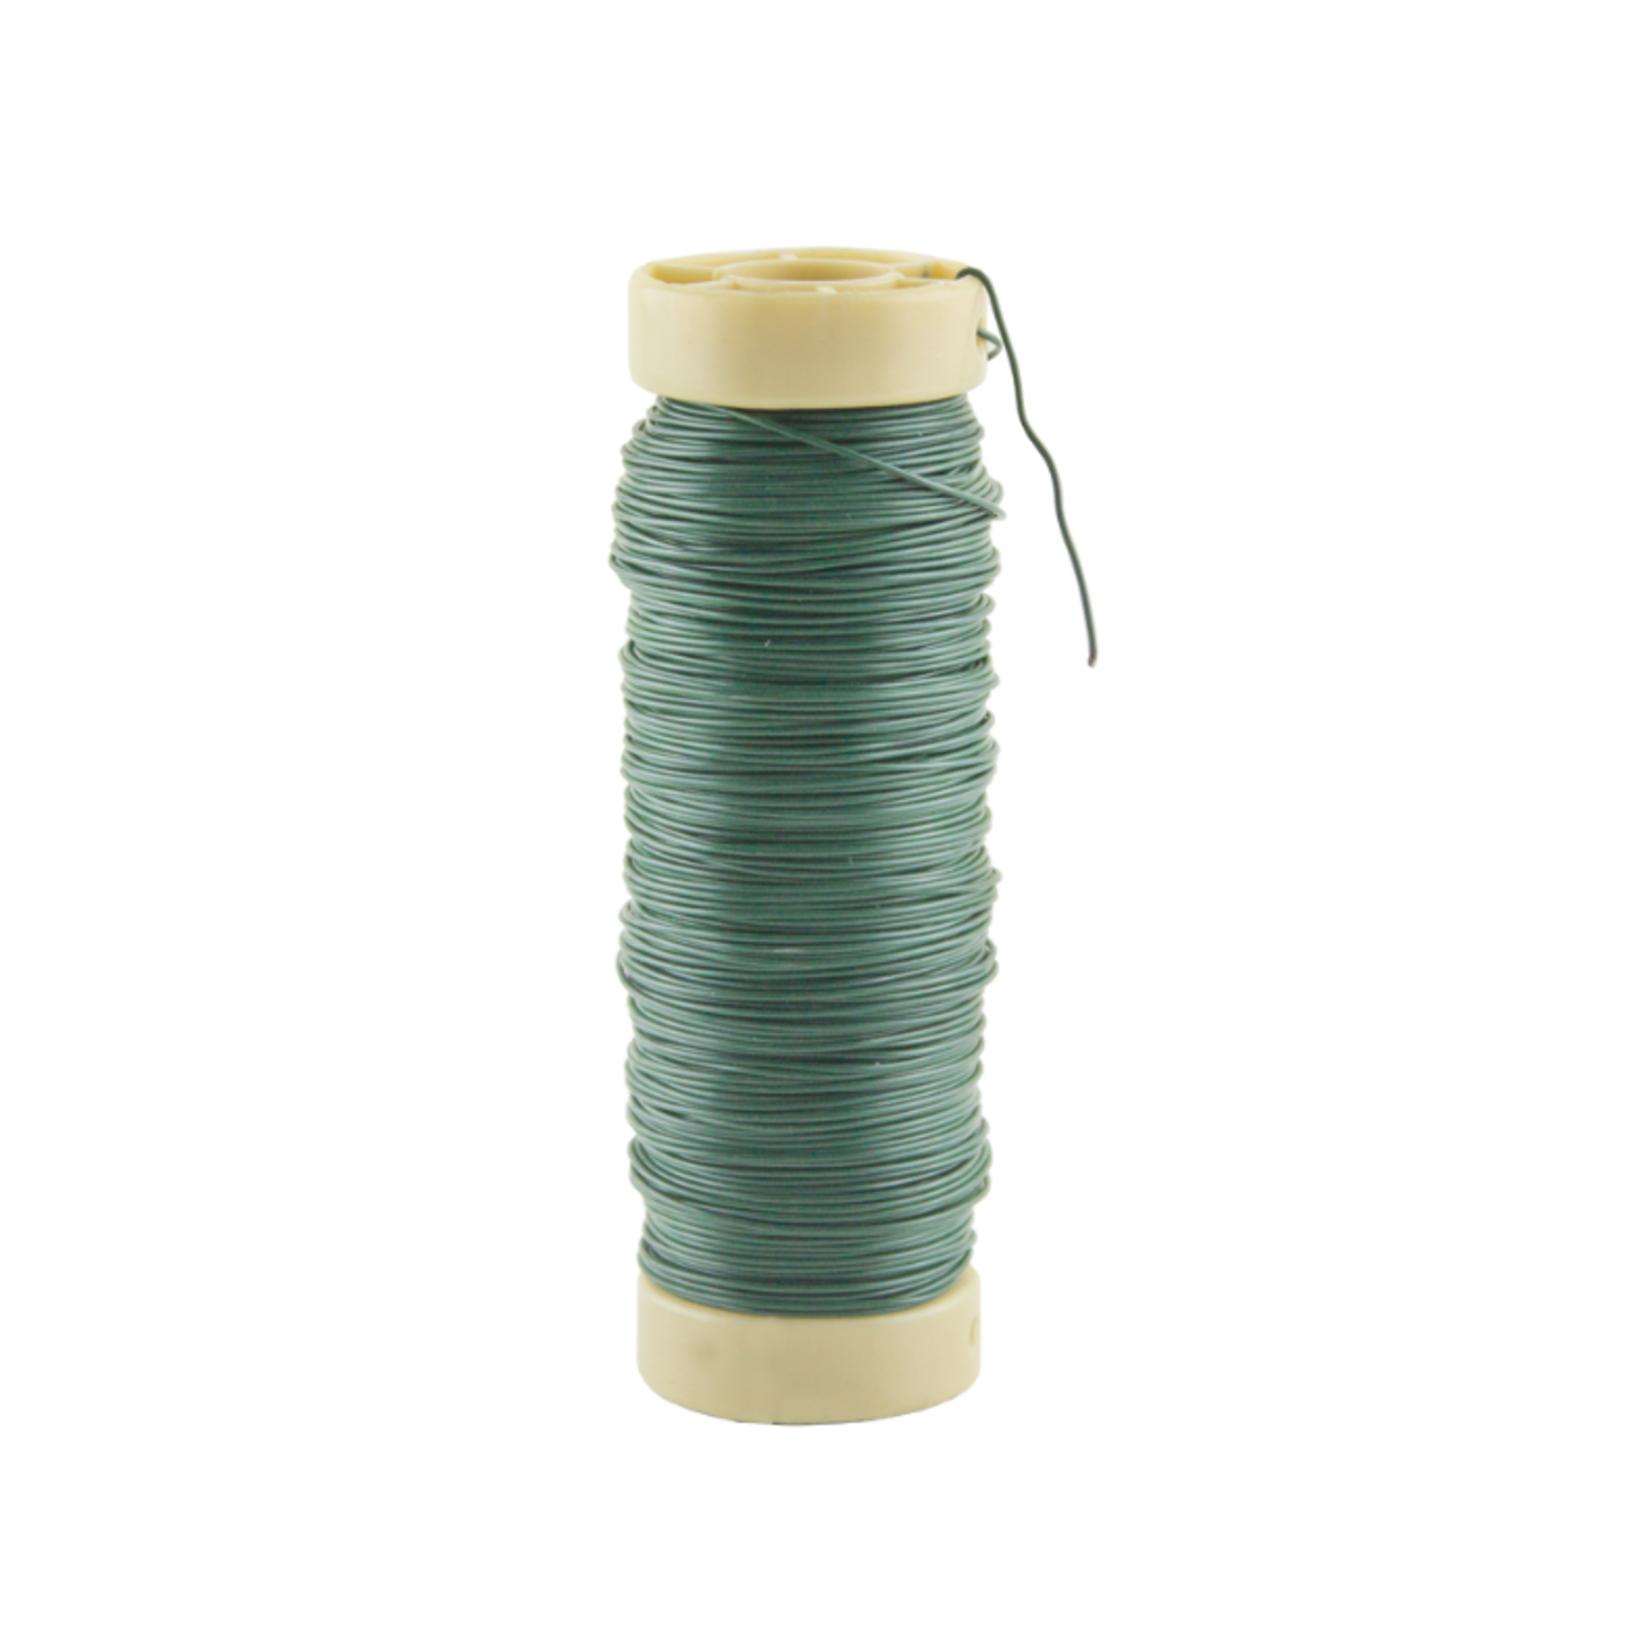 22g Gauge 1/2 lb Spool Wire